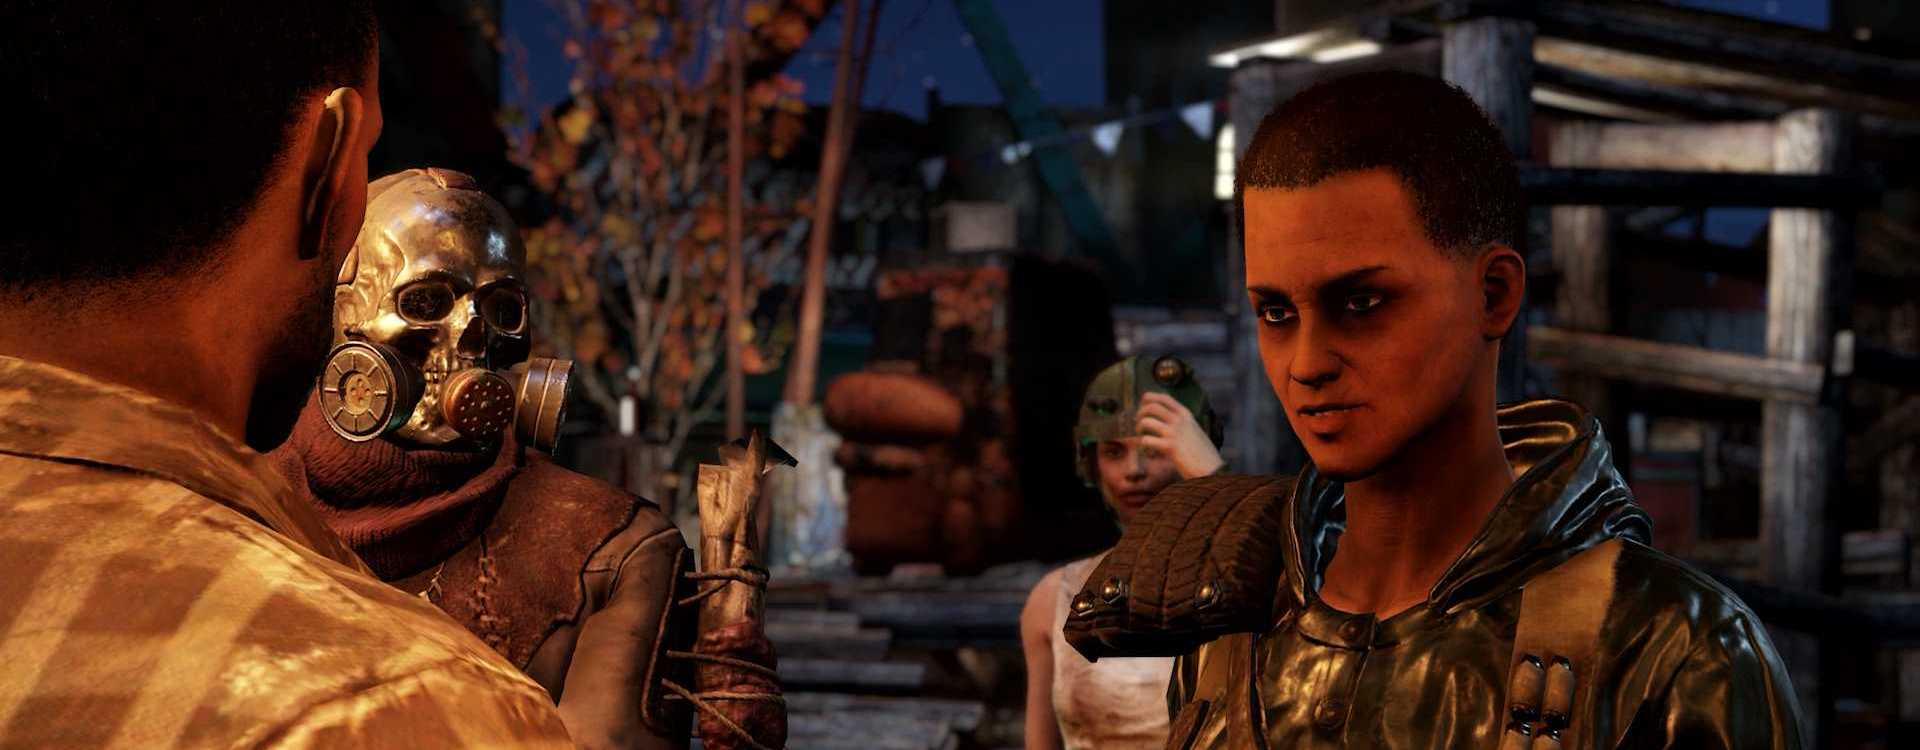 Fallout 76: Neue Bilder zu Wastelanders – So sehen die größten Fraktionen aus